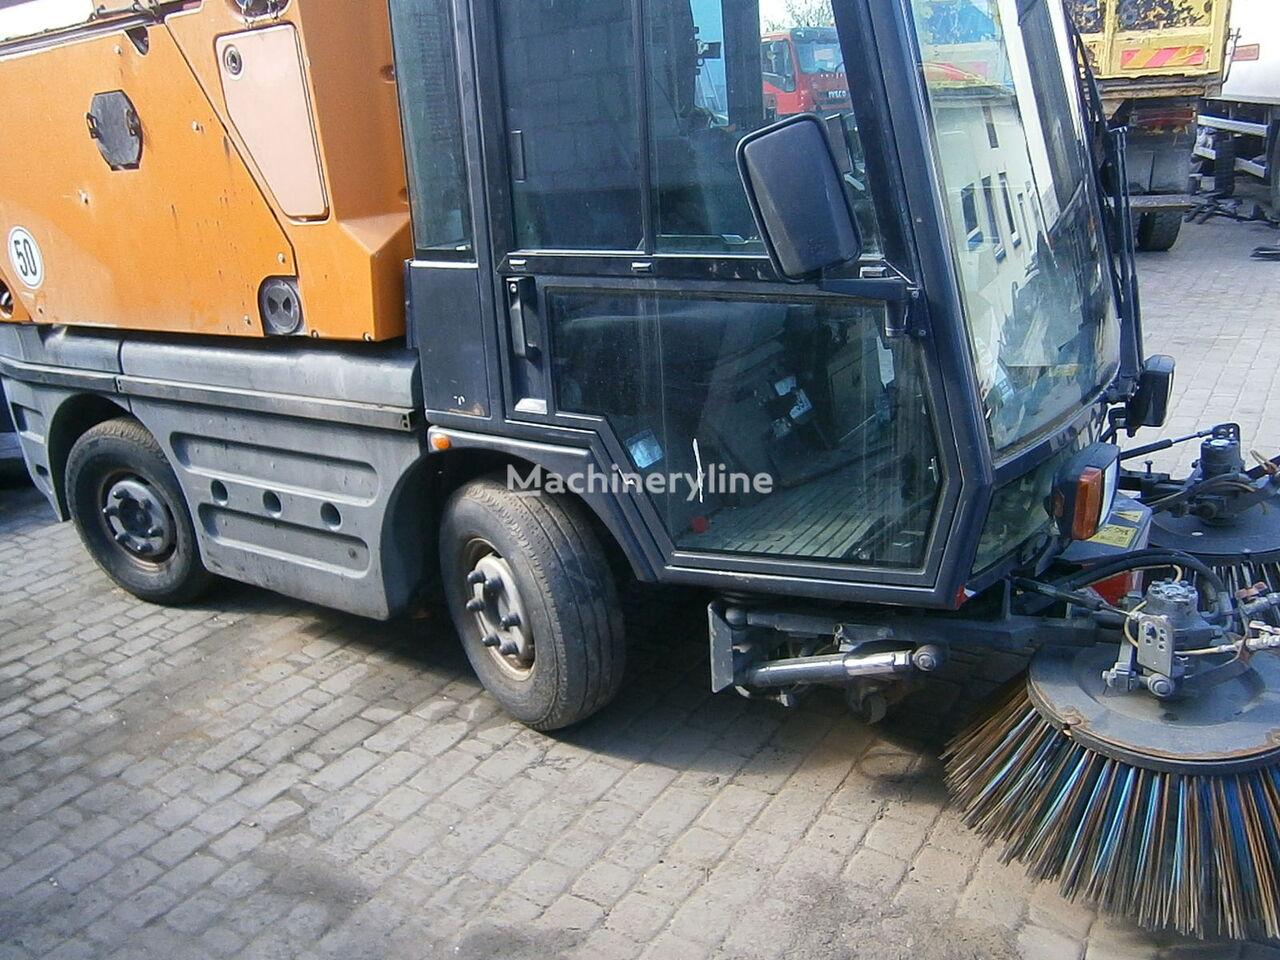 SCHMIDT Swingo Compact 200 road sweeper